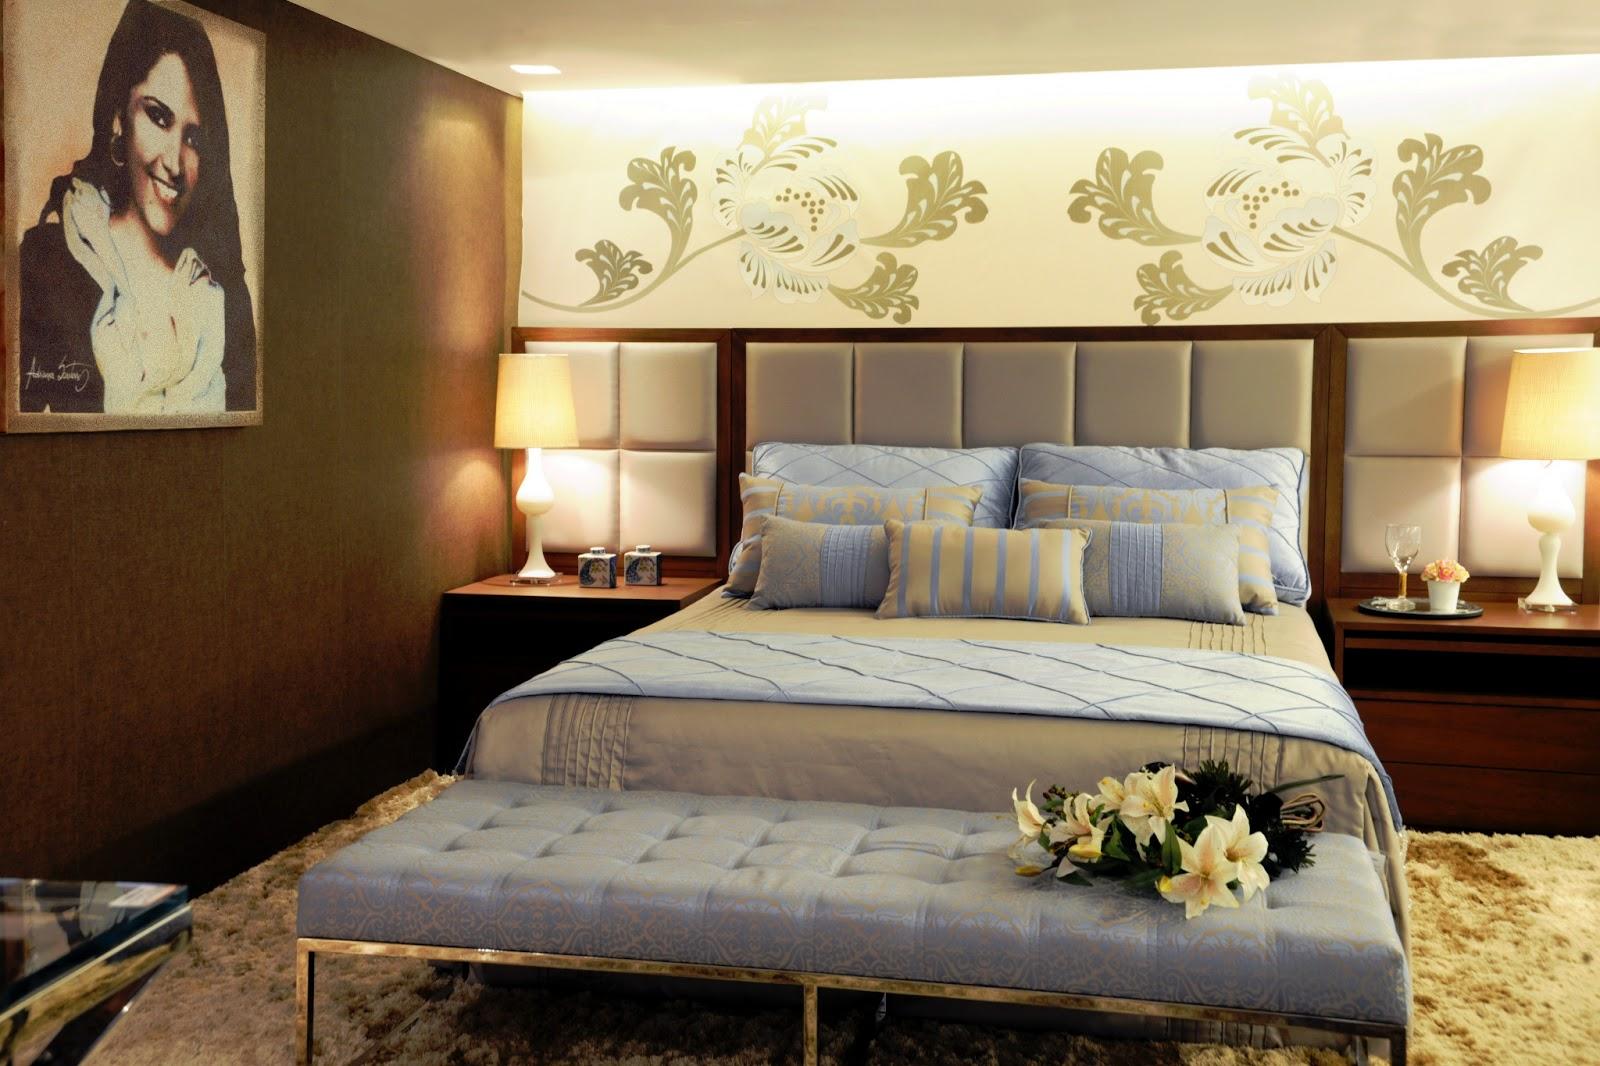 Adriana scartaris design de interiores: loft da designer